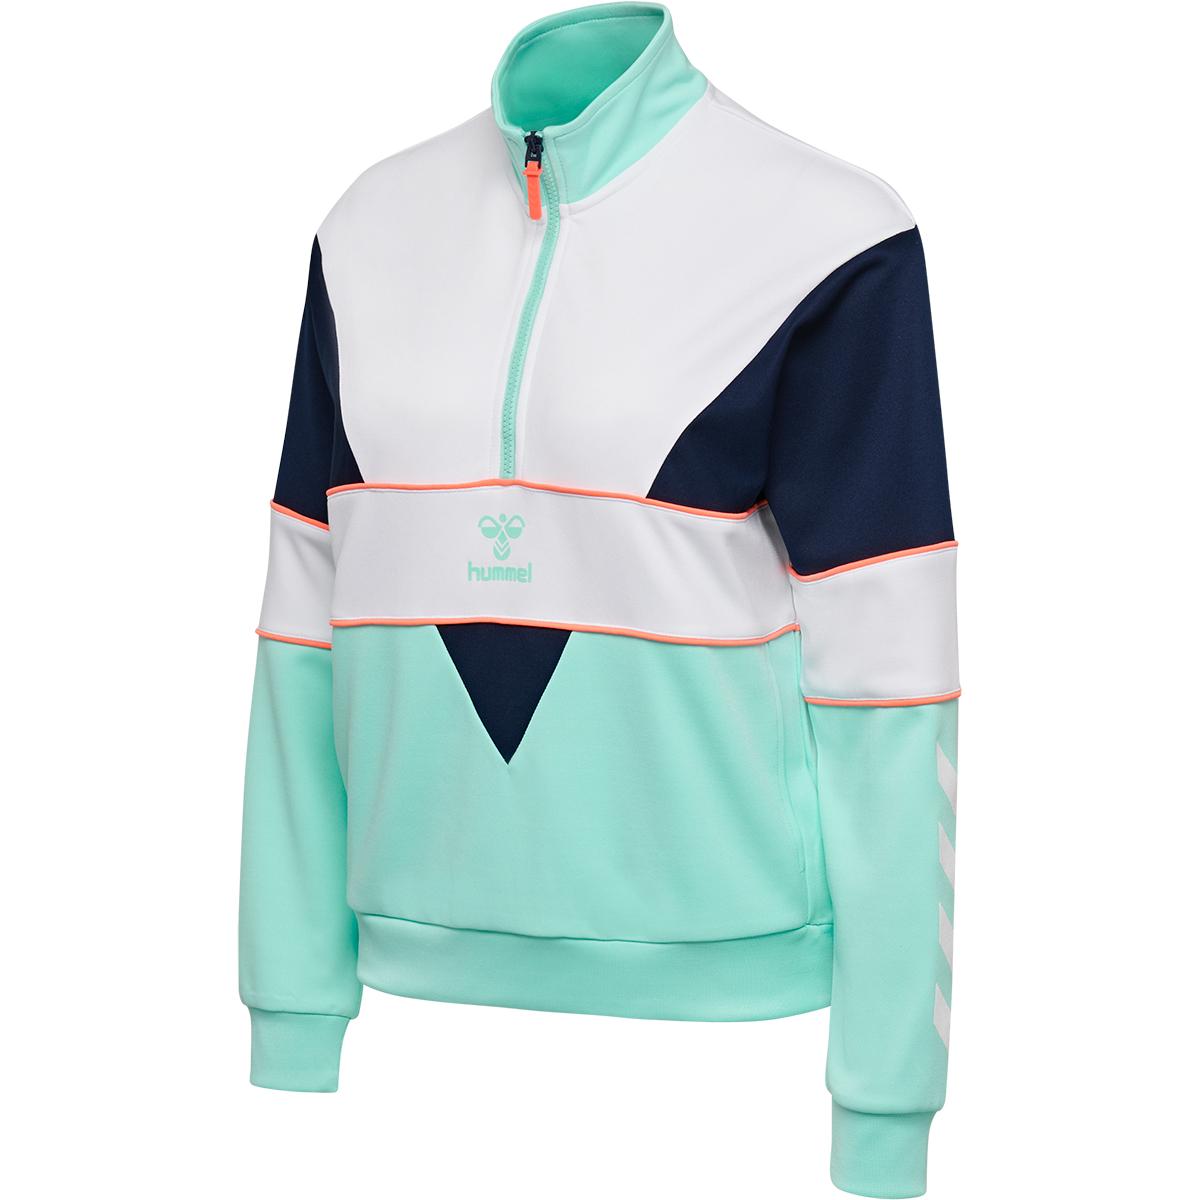 Hummel Studio sweatshirt